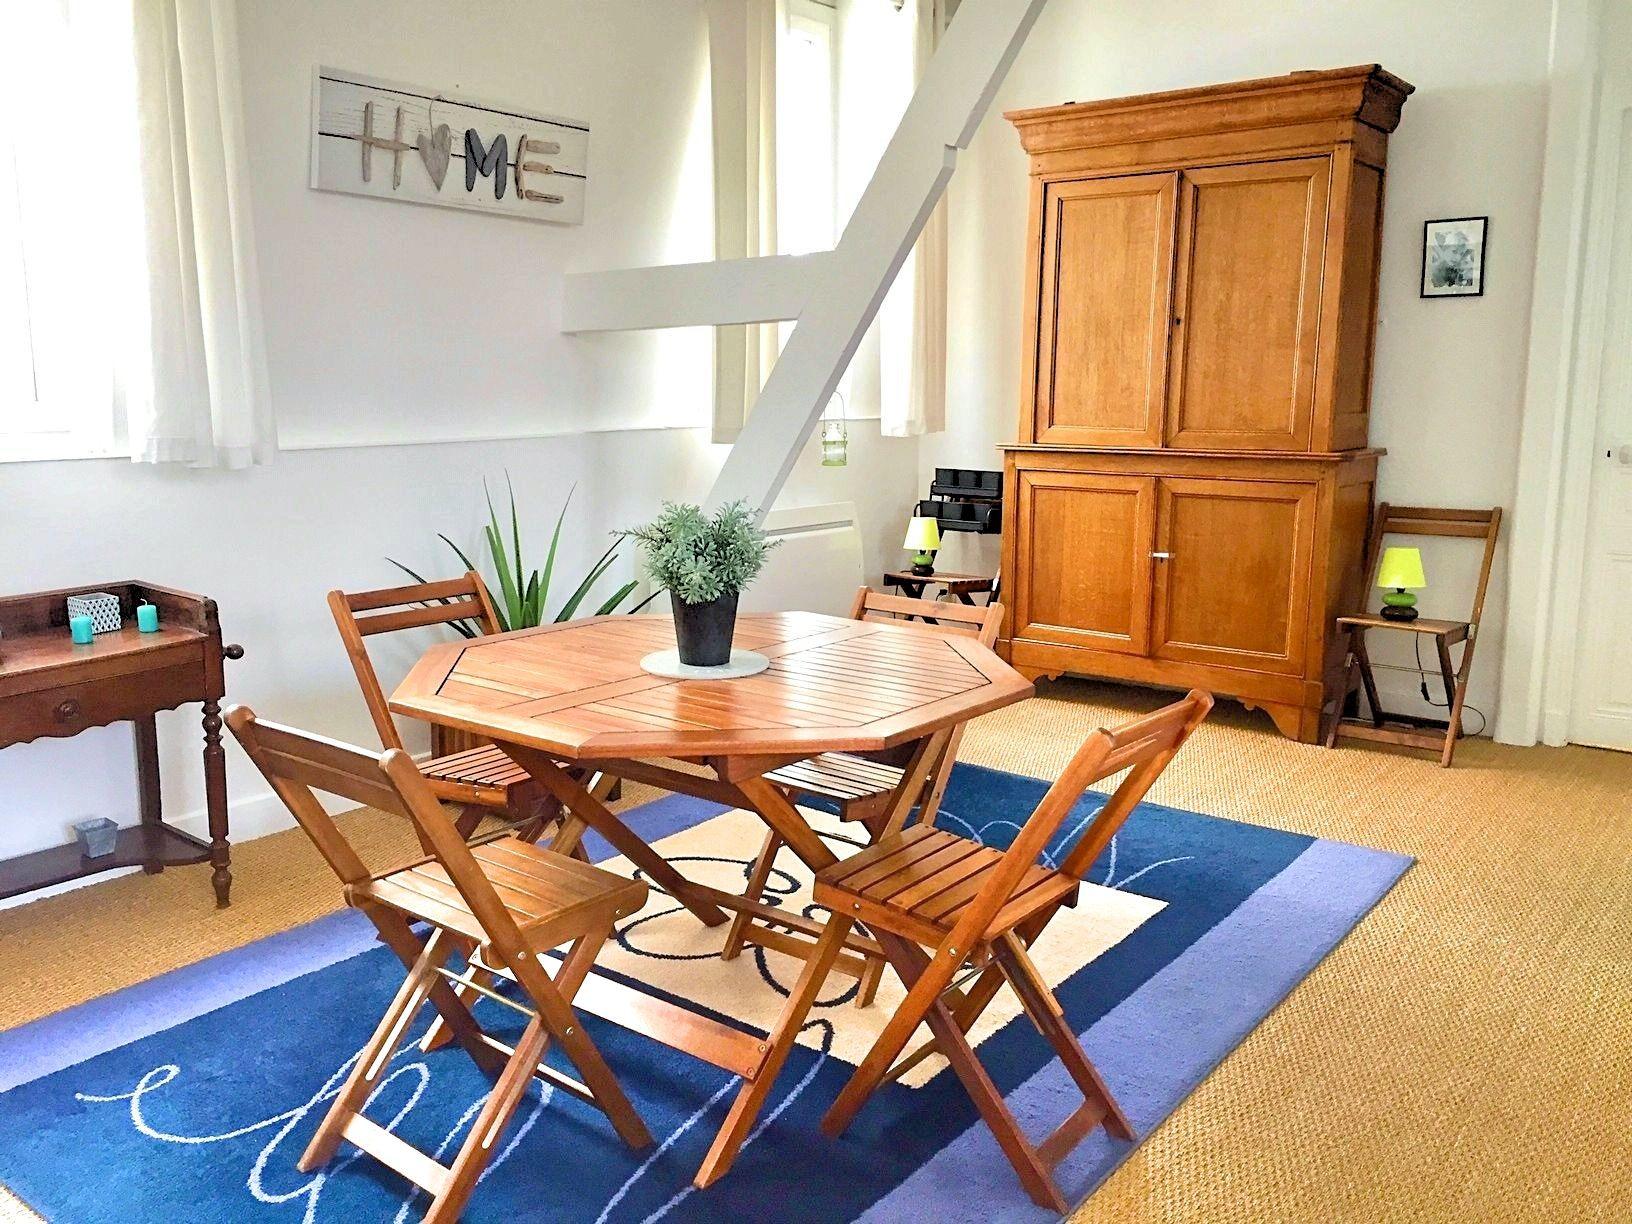 7-salle-a-manger-appartement-a-vendre-la-clef-des-villes-agence-immobiliere-villers-sur-mer